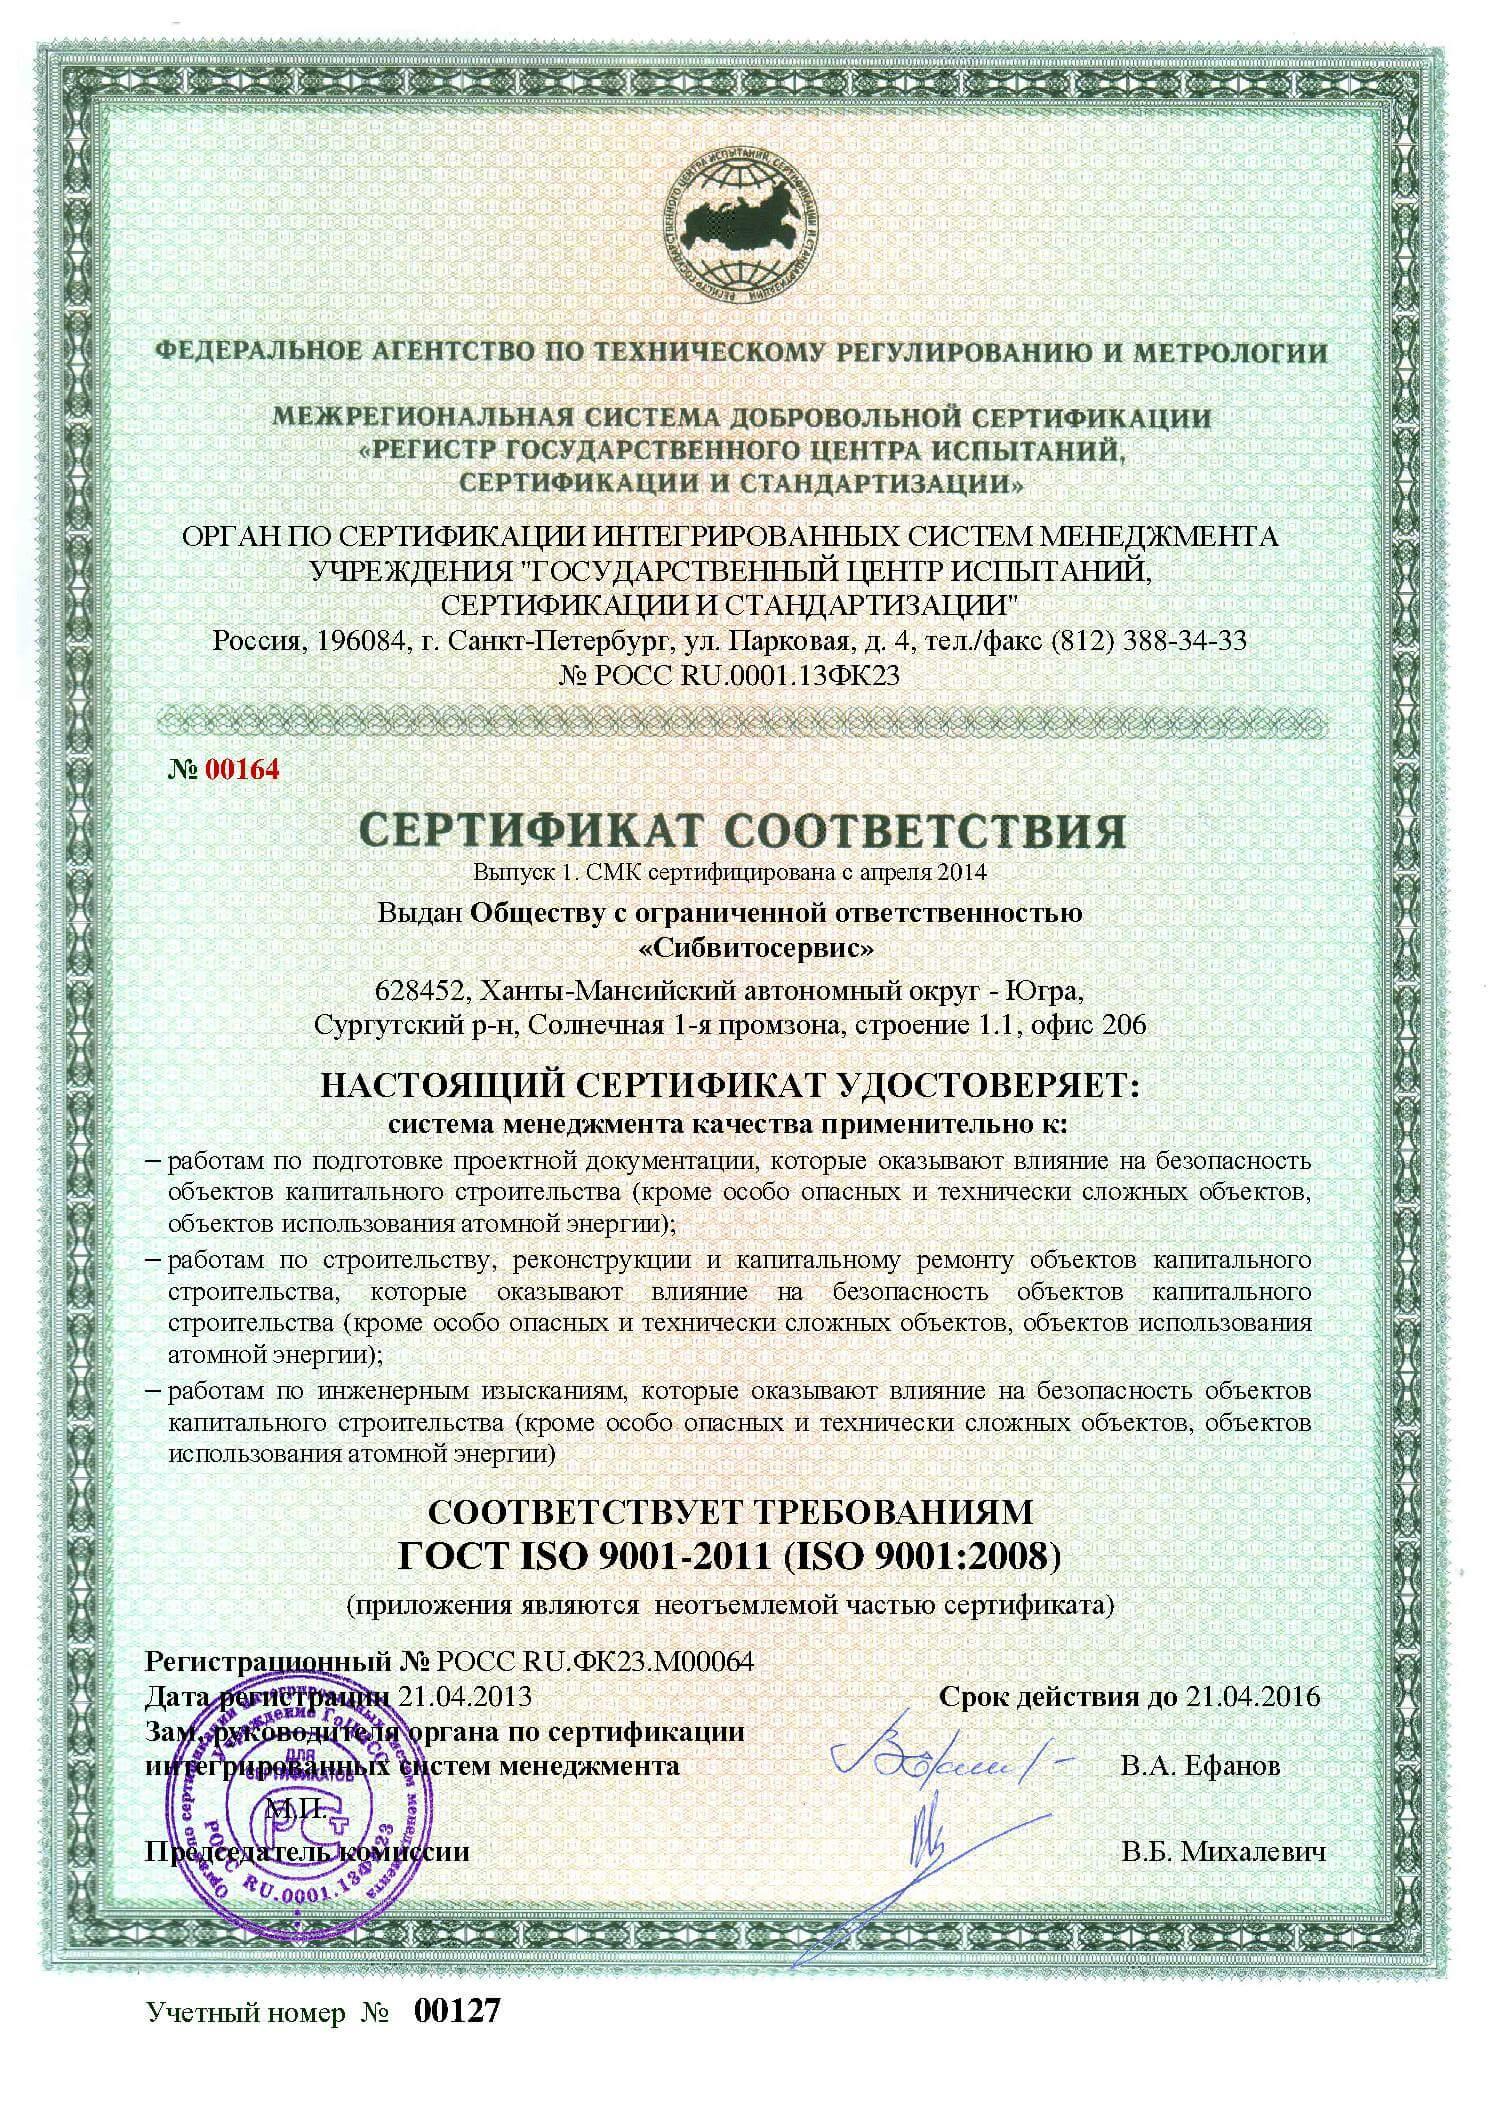 Исо 9001 сертификация юридических услуг получение сертификата для nokia с7